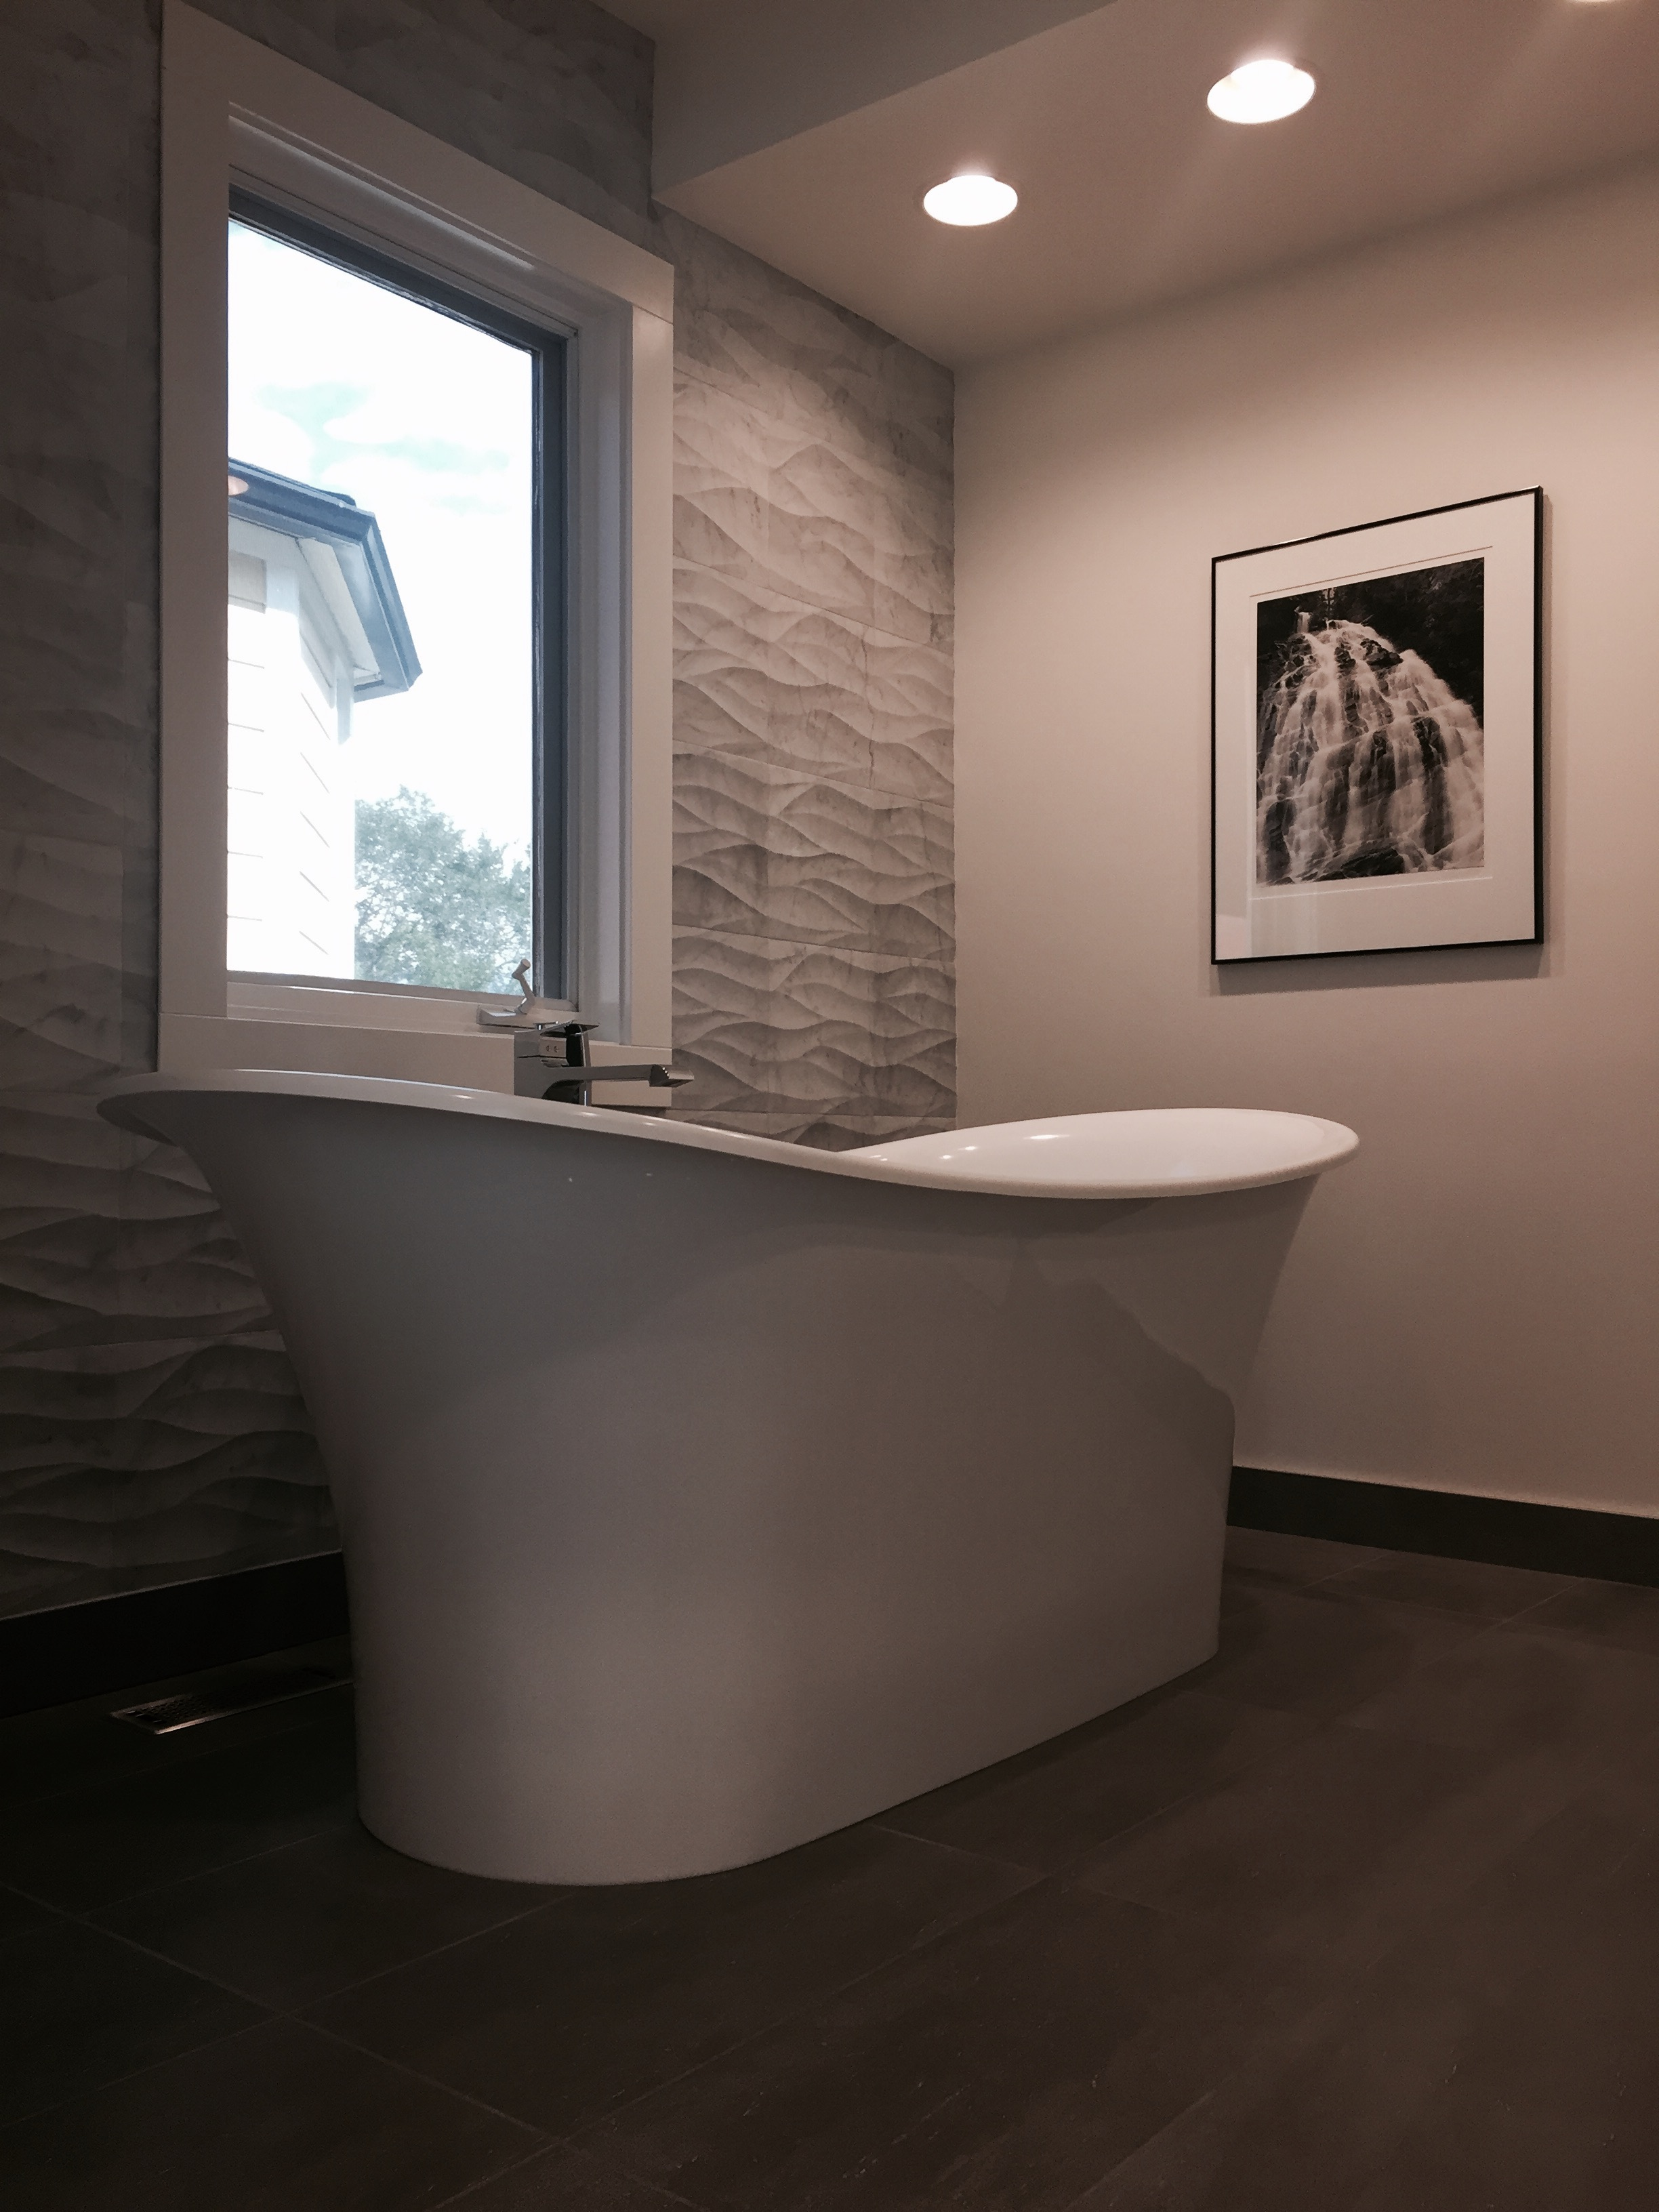 Volcanic limestone bathtub, Victoria and Albert. Ziva Leaves Artistic Tile.